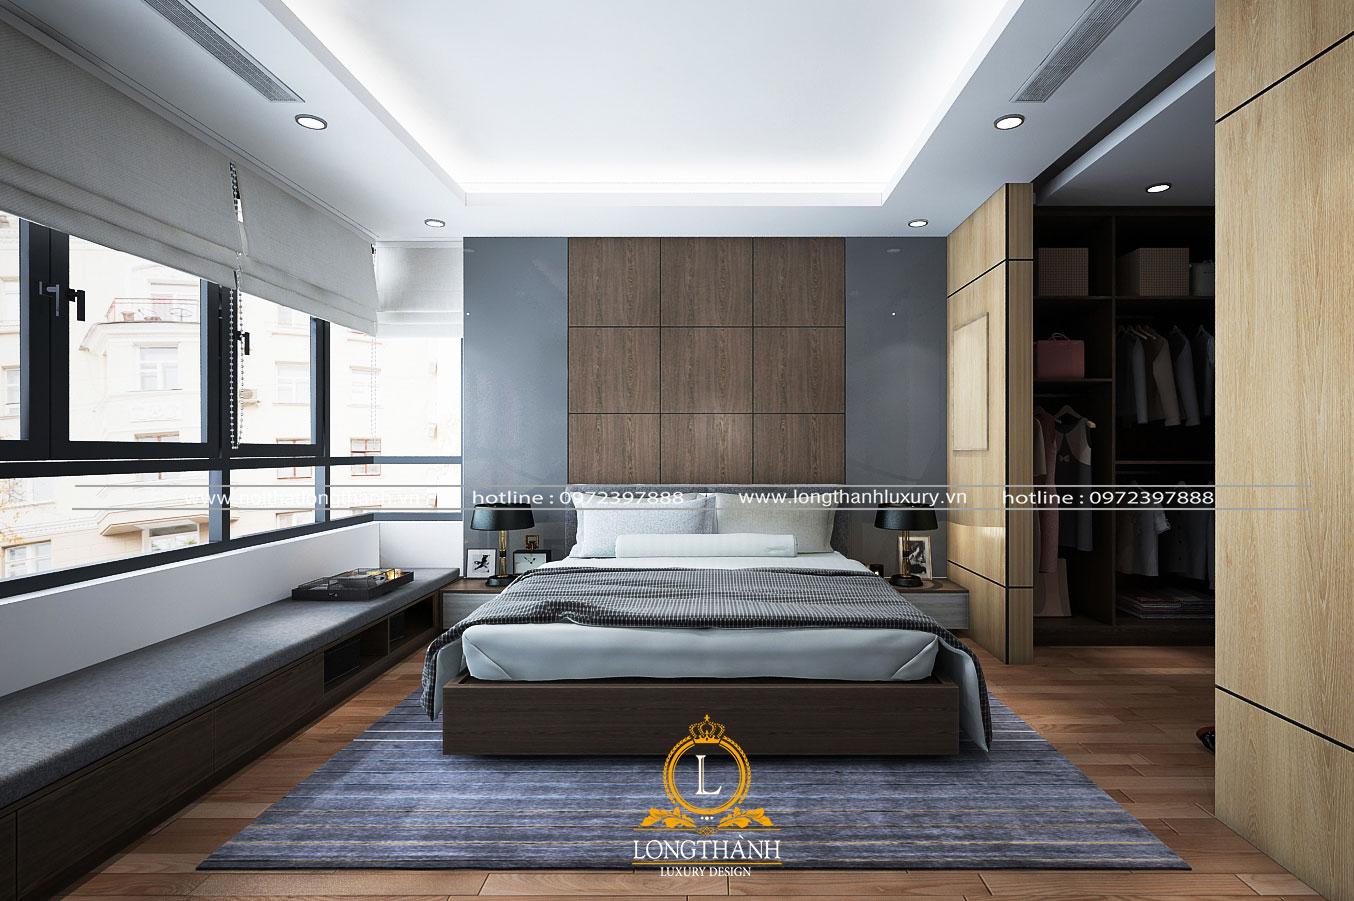 Thiết kế nội thất phòng ngủ hiện đại tiện lợi với diện tích 18m2